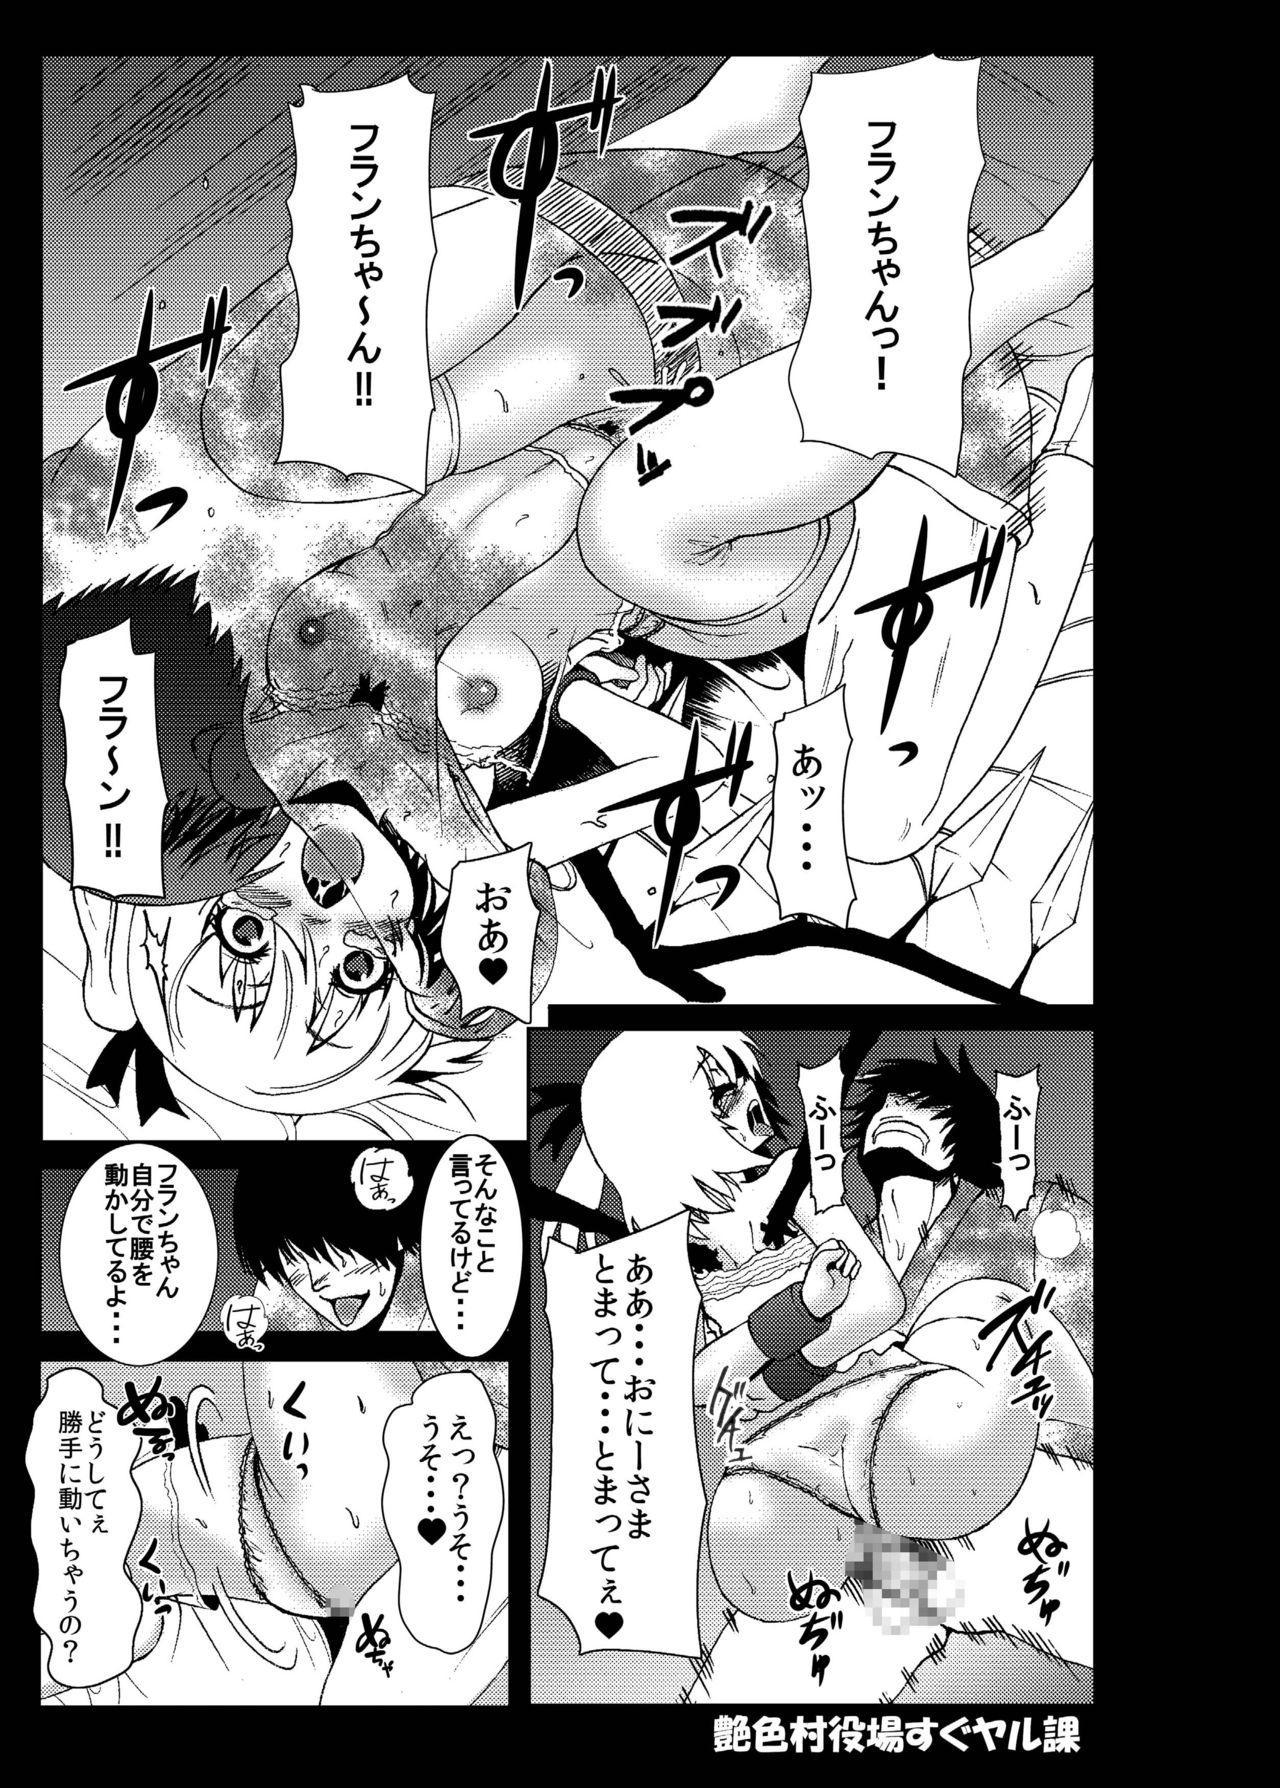 Isourou no Saenai Boku ga Kyawaii Vampire Musume o Naisho de Haramaseta Wake 9